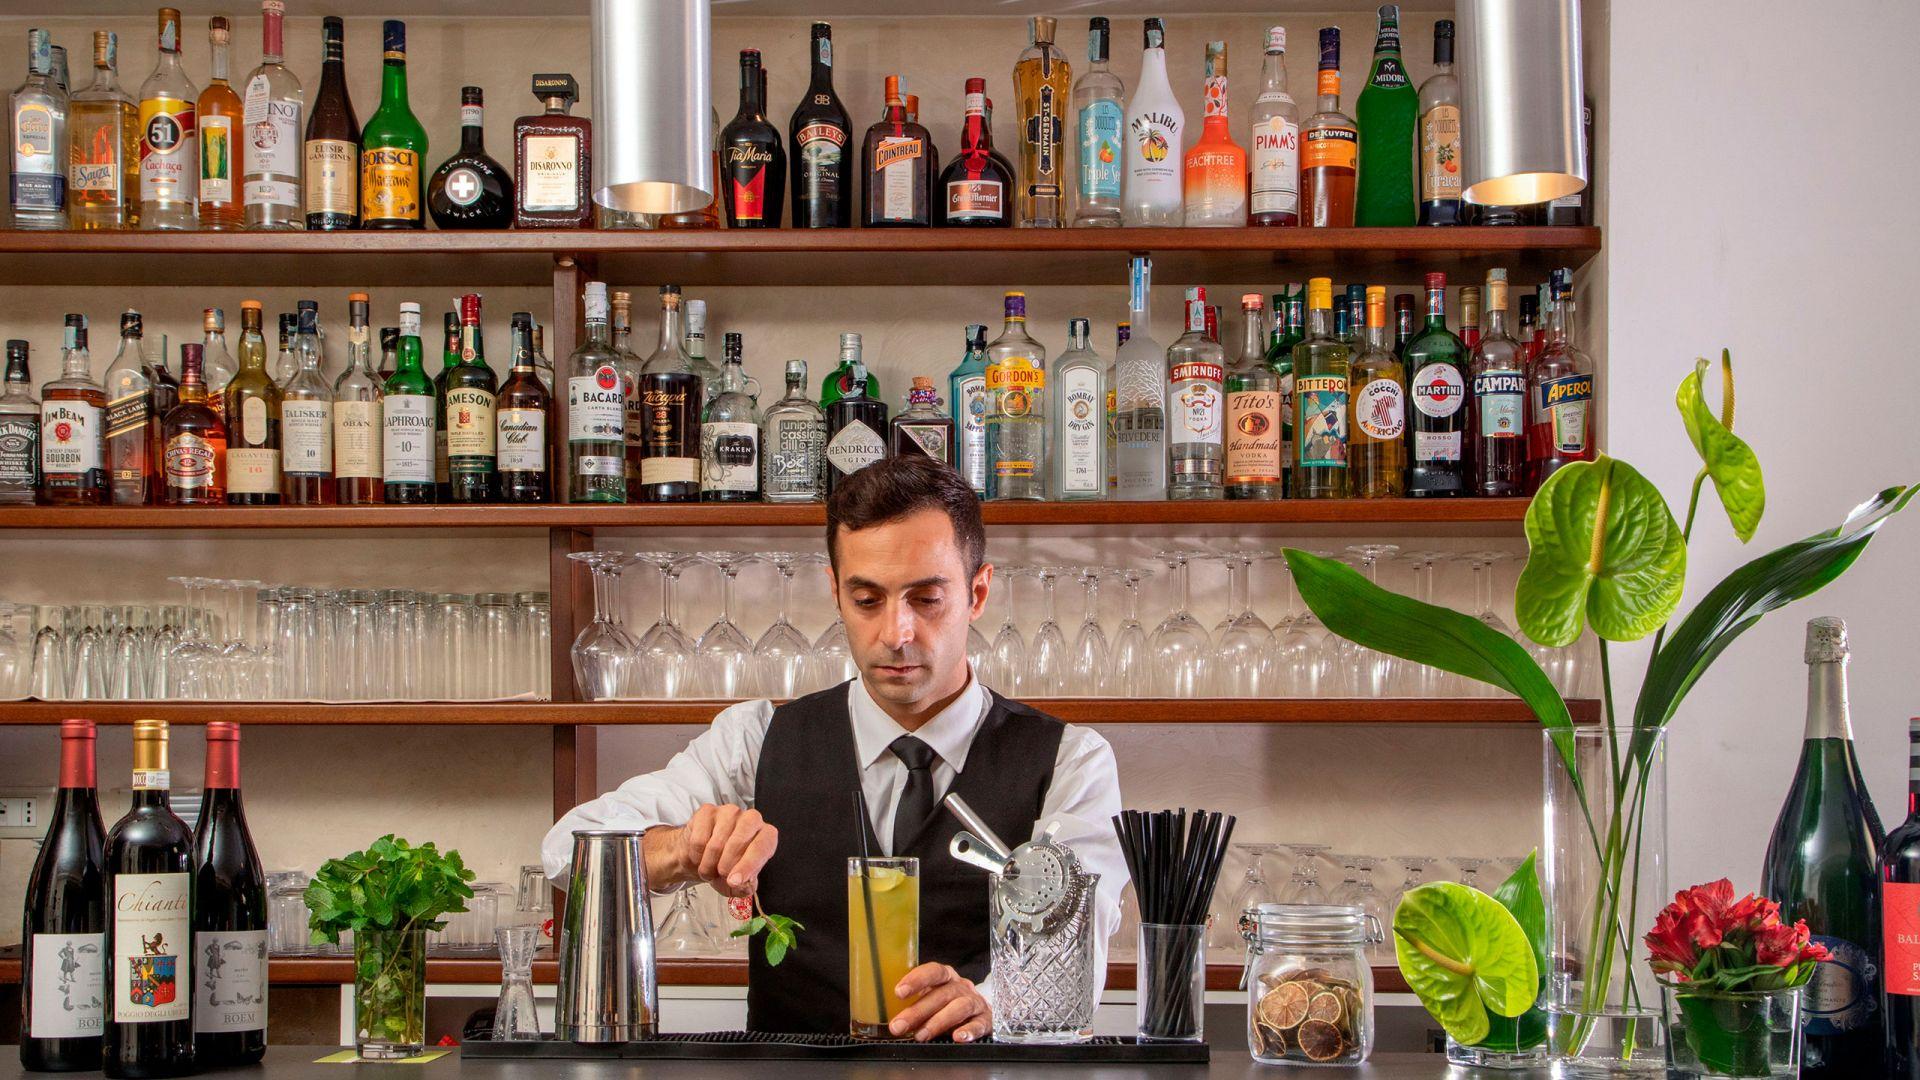 IMG-7122--Hotel-Oxofrd-Roma-Quart-Restaurant.jpg